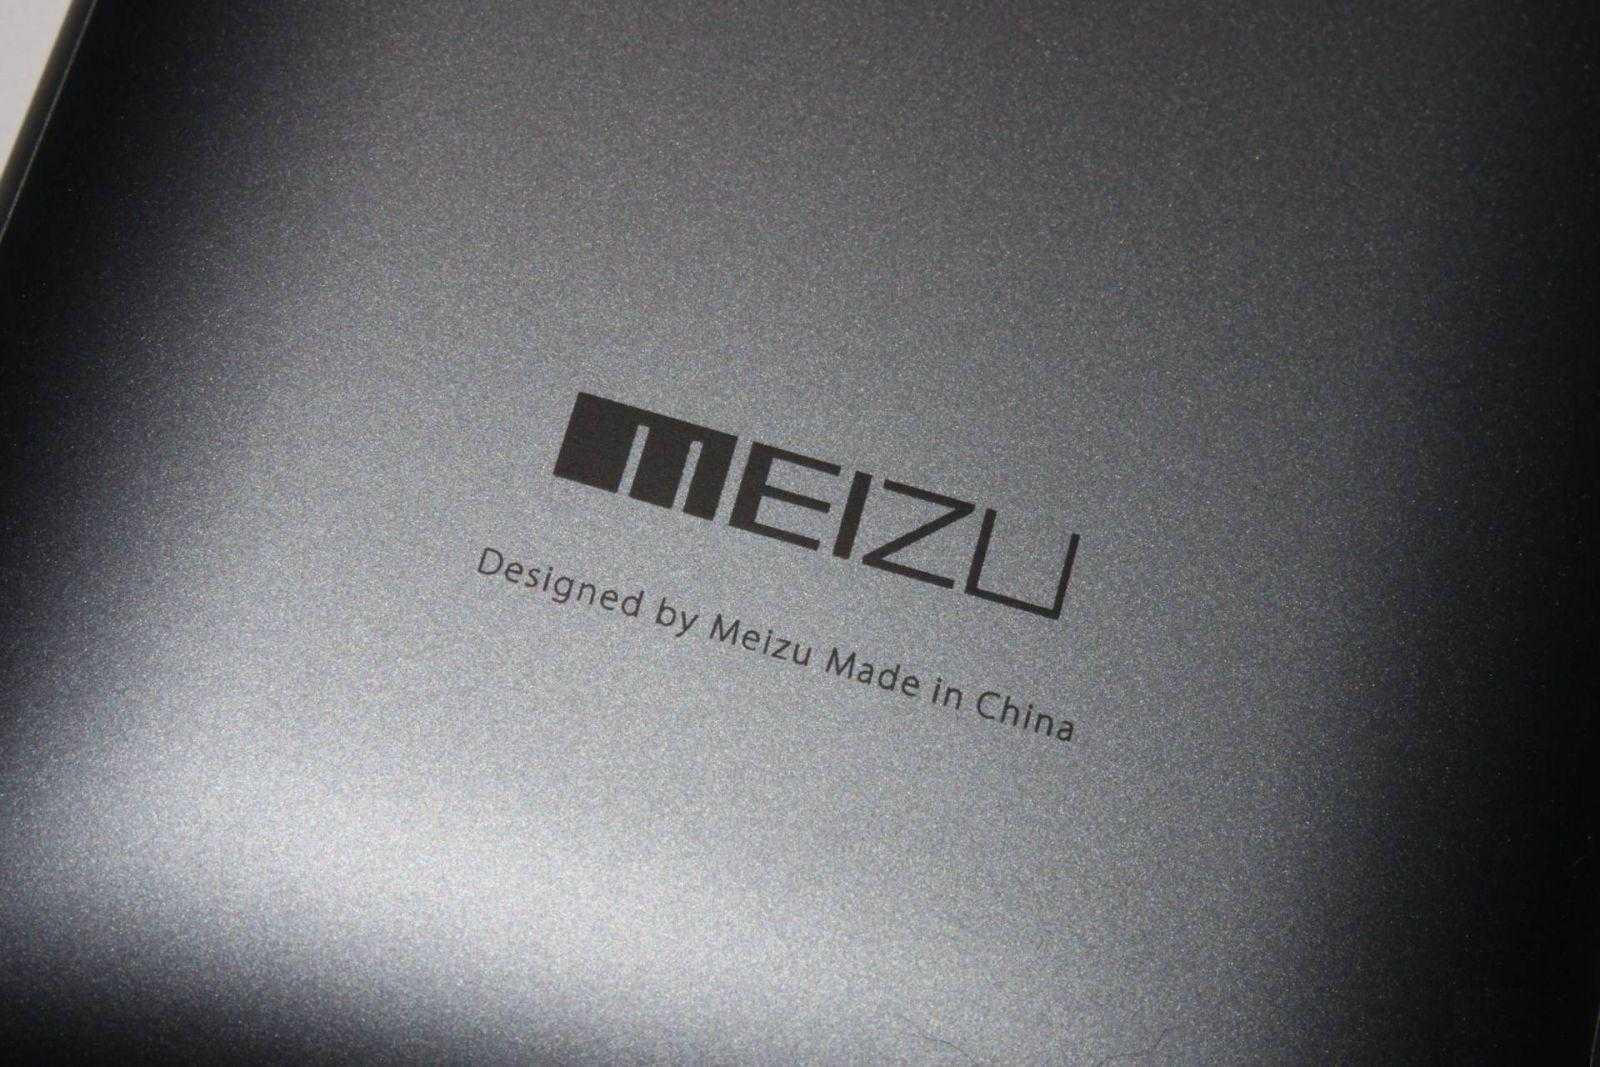 Meizu возродилась с nfc: представлены флагманские 17 и 17 pro